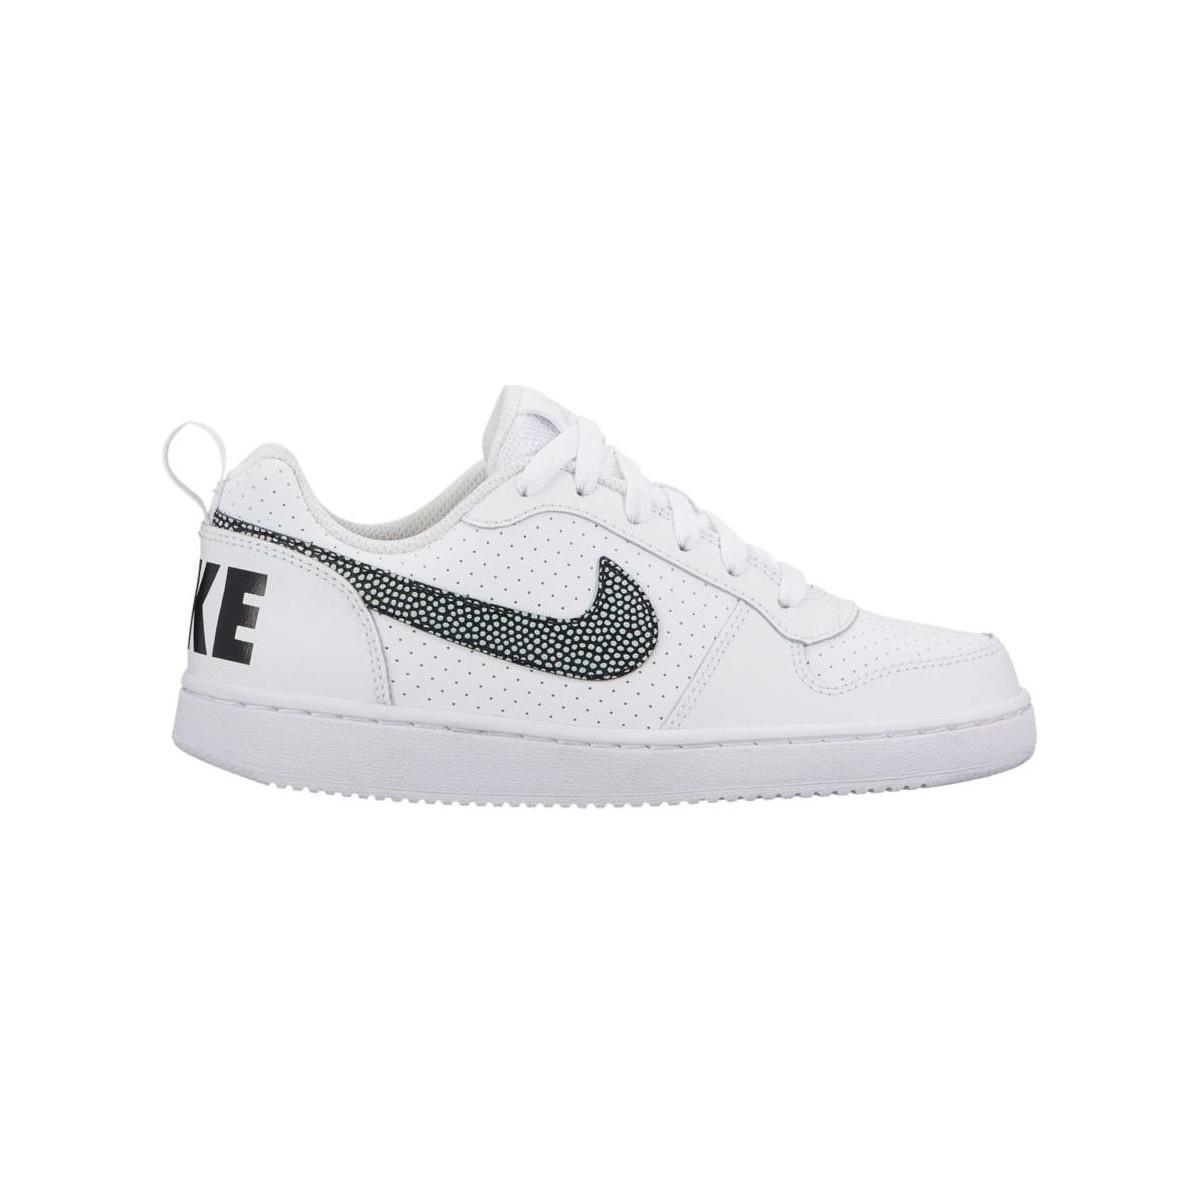 sulle immagini di piedi di scarpe da skate catturare Gymnastics Shoes Nike Boys Court Borough Low Gs